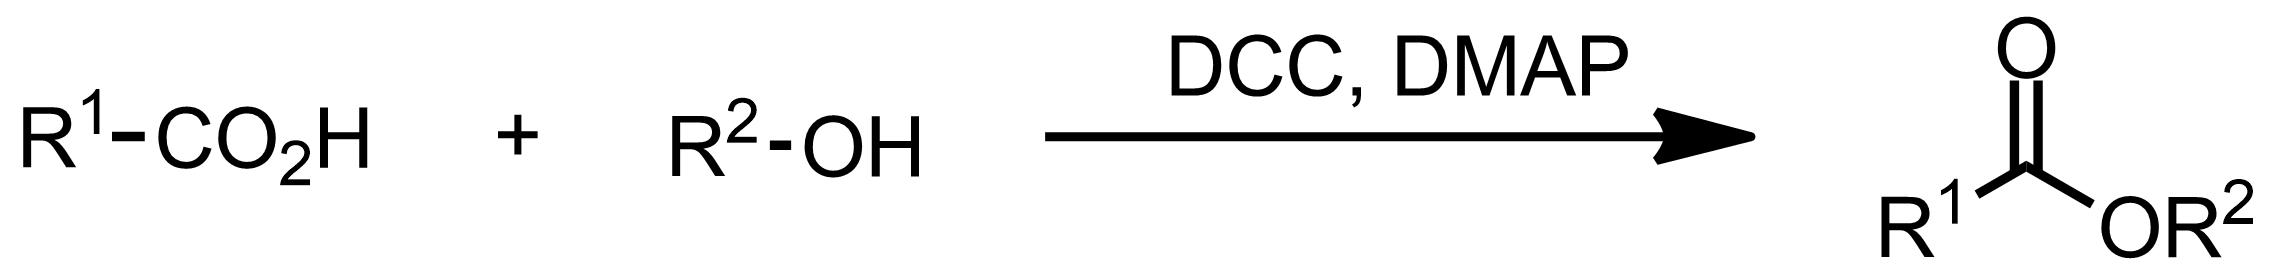 Schematic representation of the Steglich Esterification.